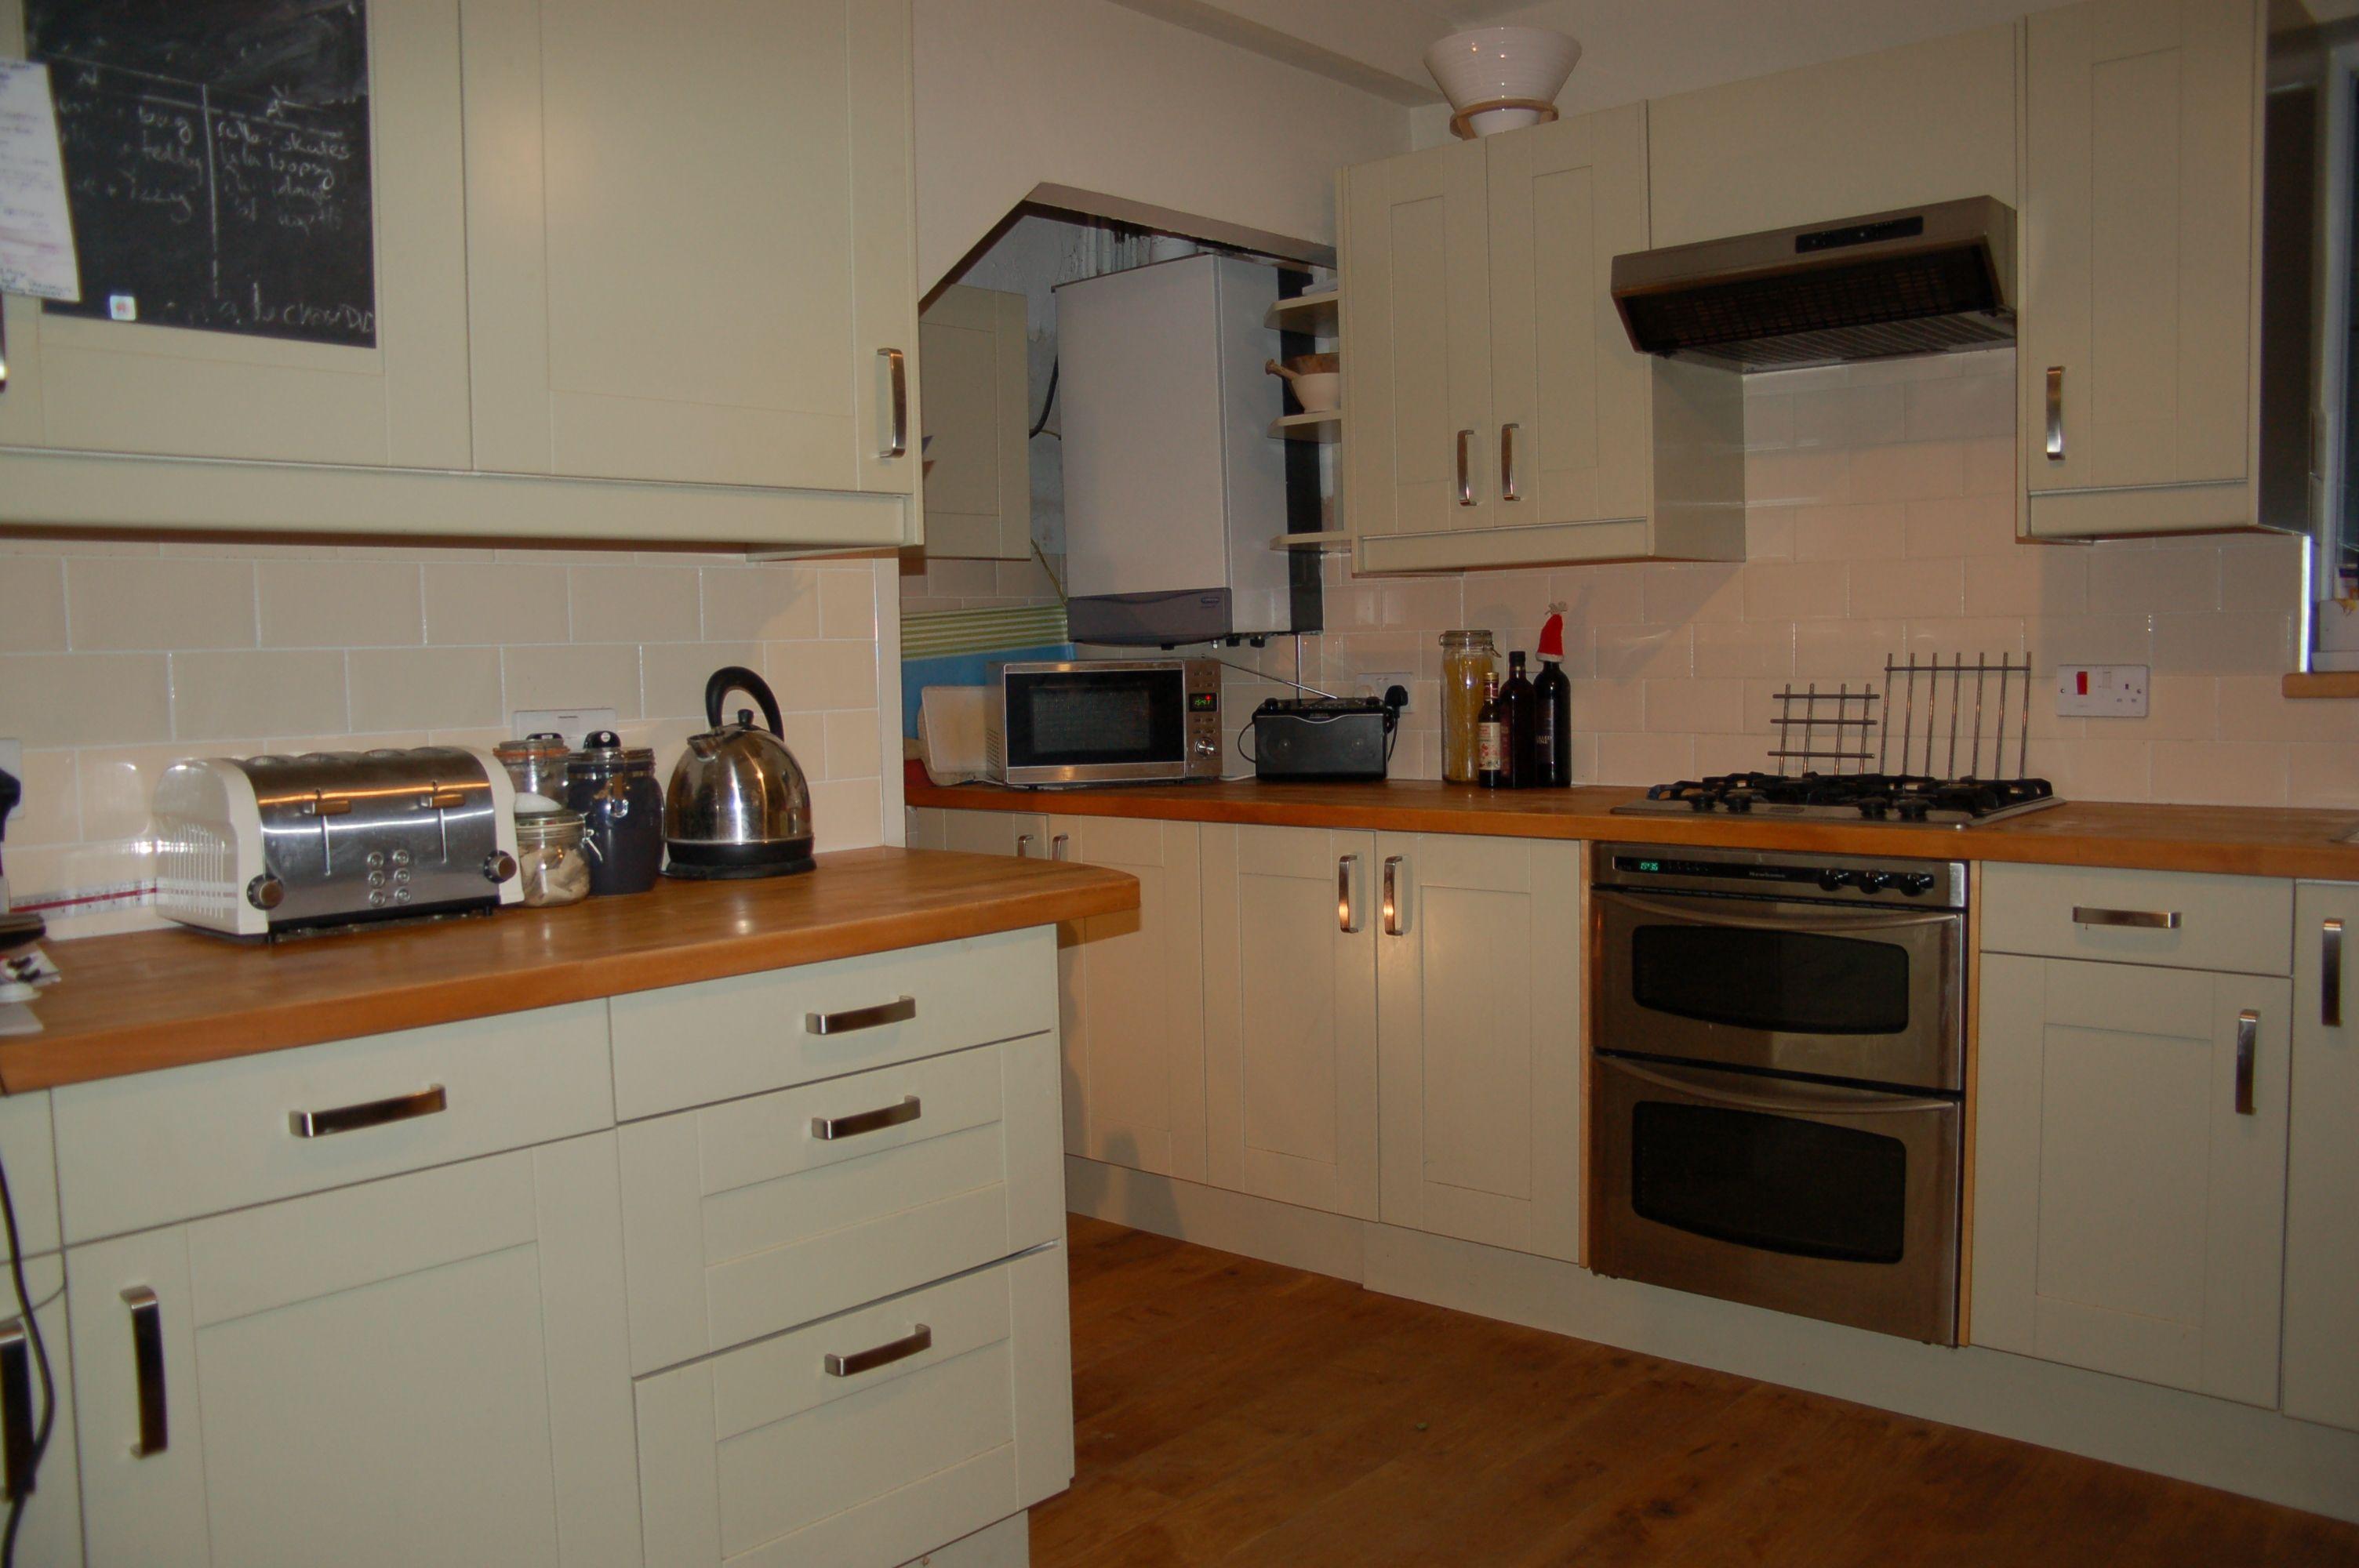 Excelente Muebles De Cocina Craigslist Foto - Como Decorar la Cocina ...